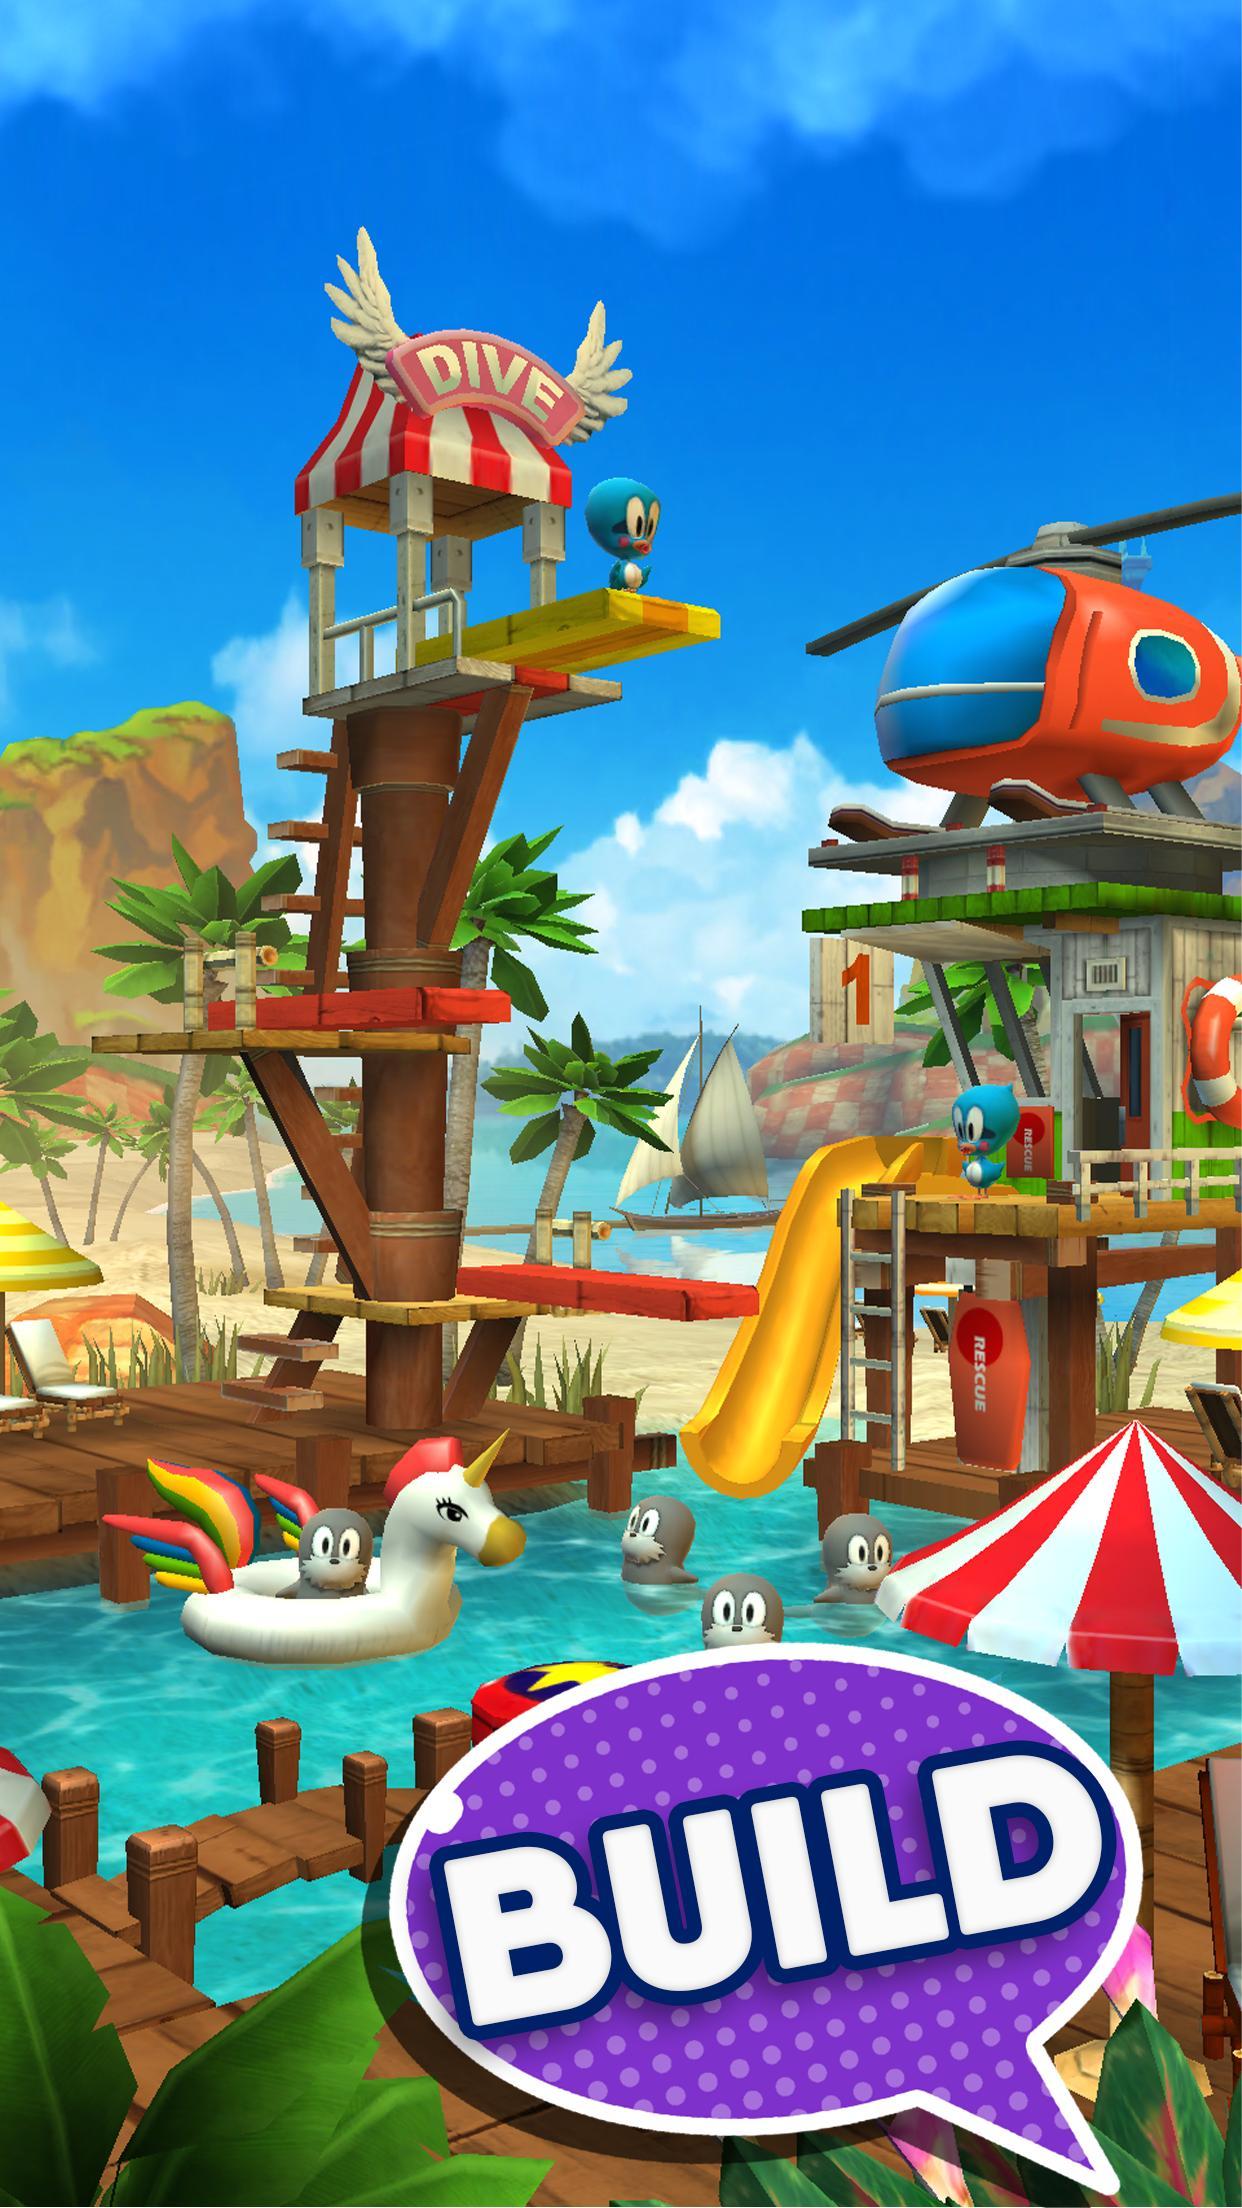 Sonic Dash - Endless Running & Racing Game 4.14.0 Screenshot 21